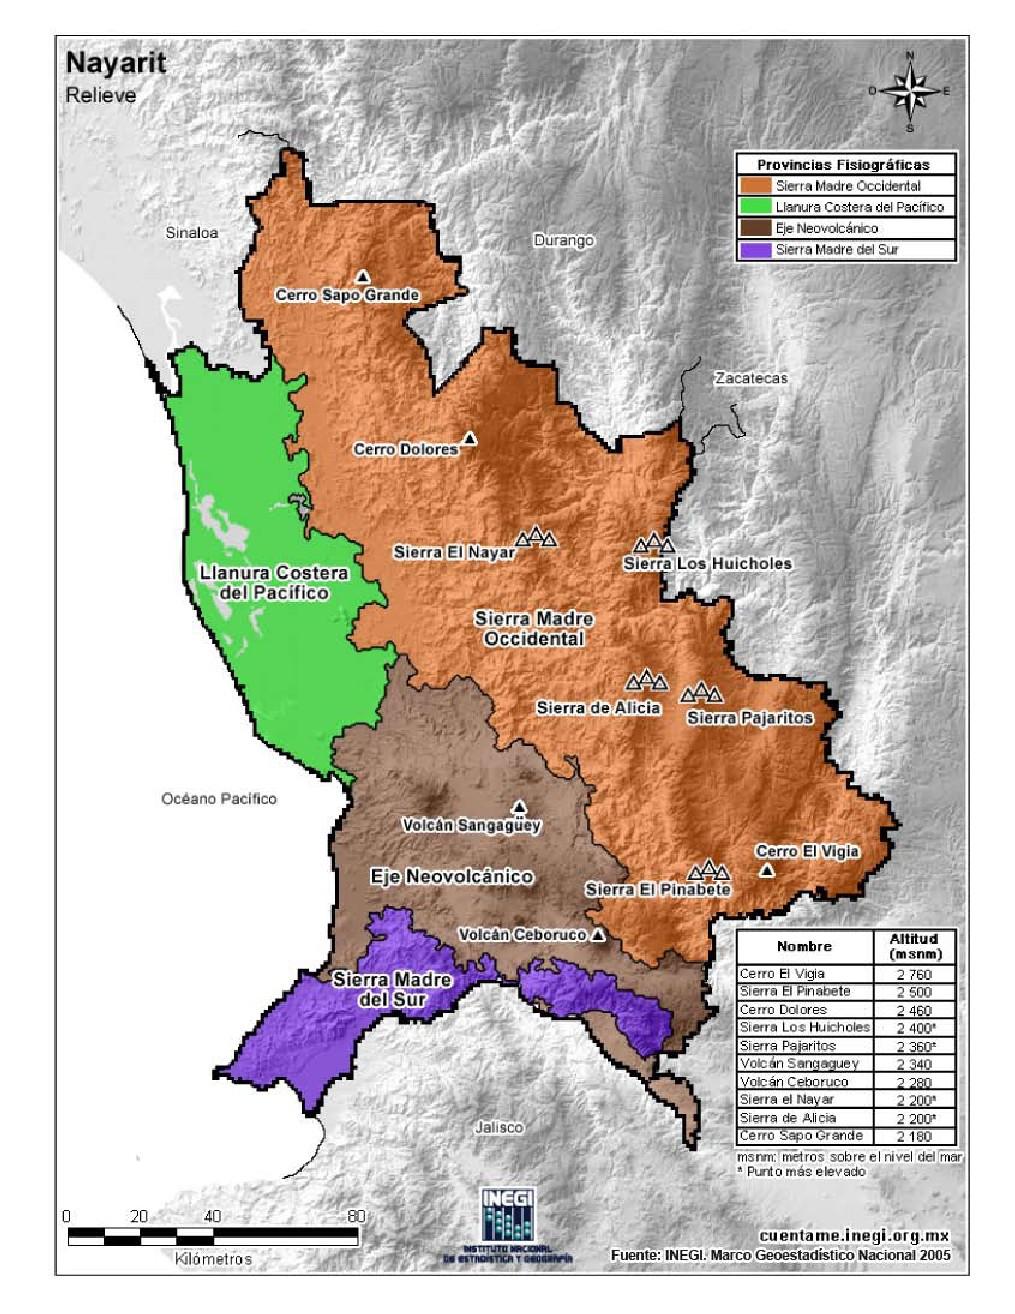 Mapa en color de montañas de Nayarit. INEGI de México